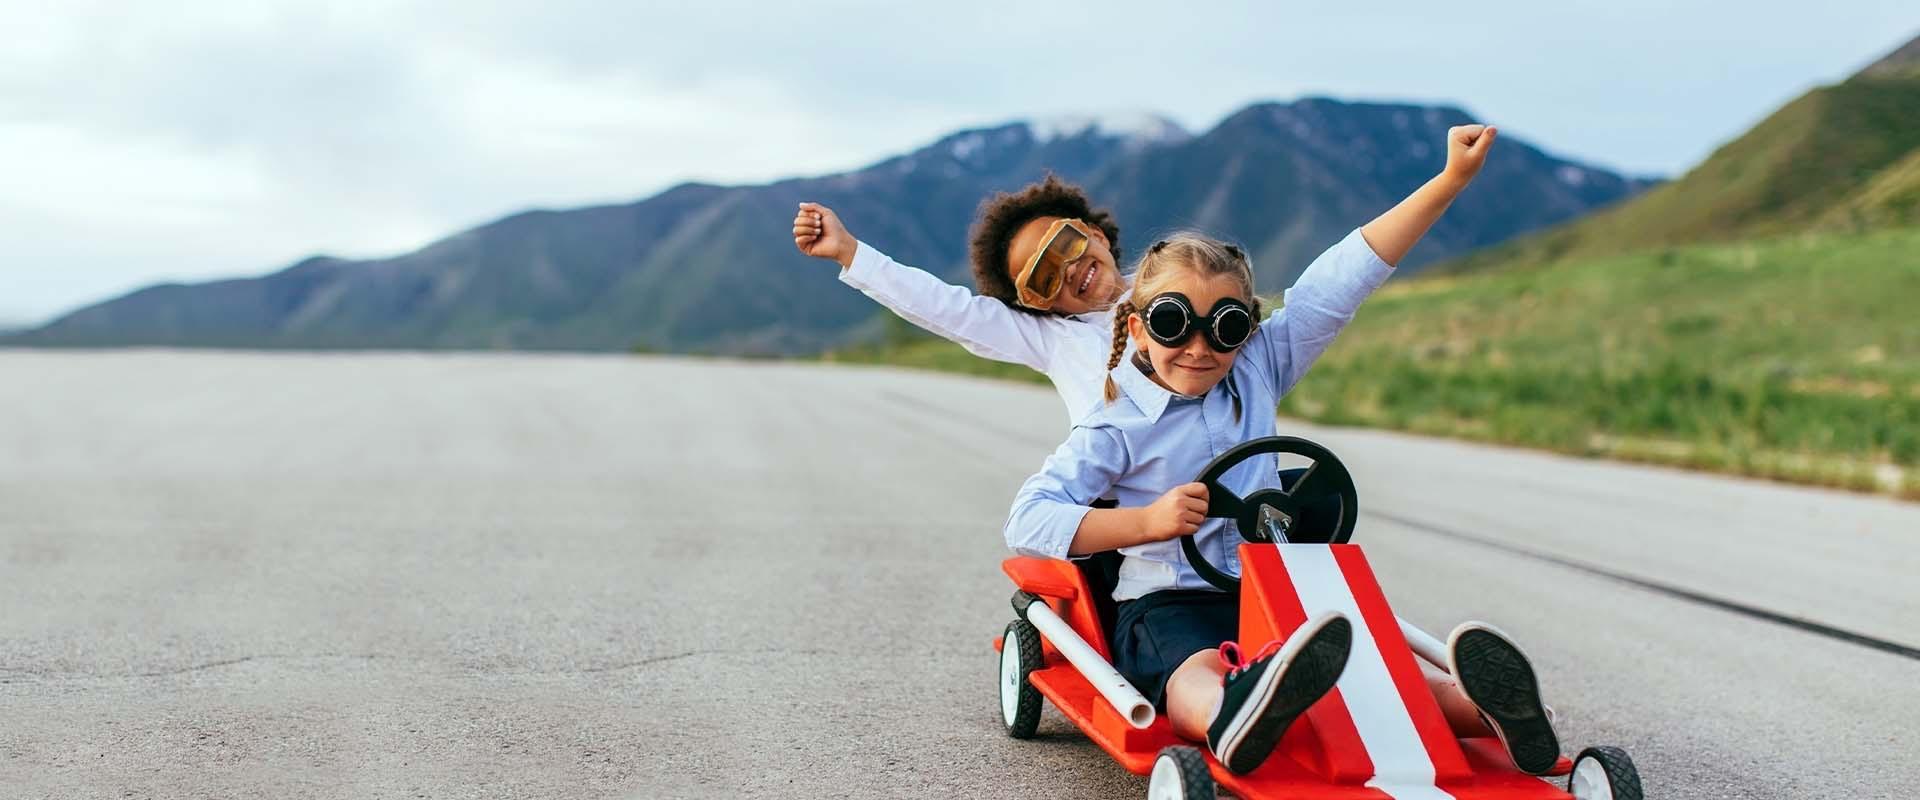 Ein Junge und ein Mädchen auf einem Spielzeug-Rennwagen.